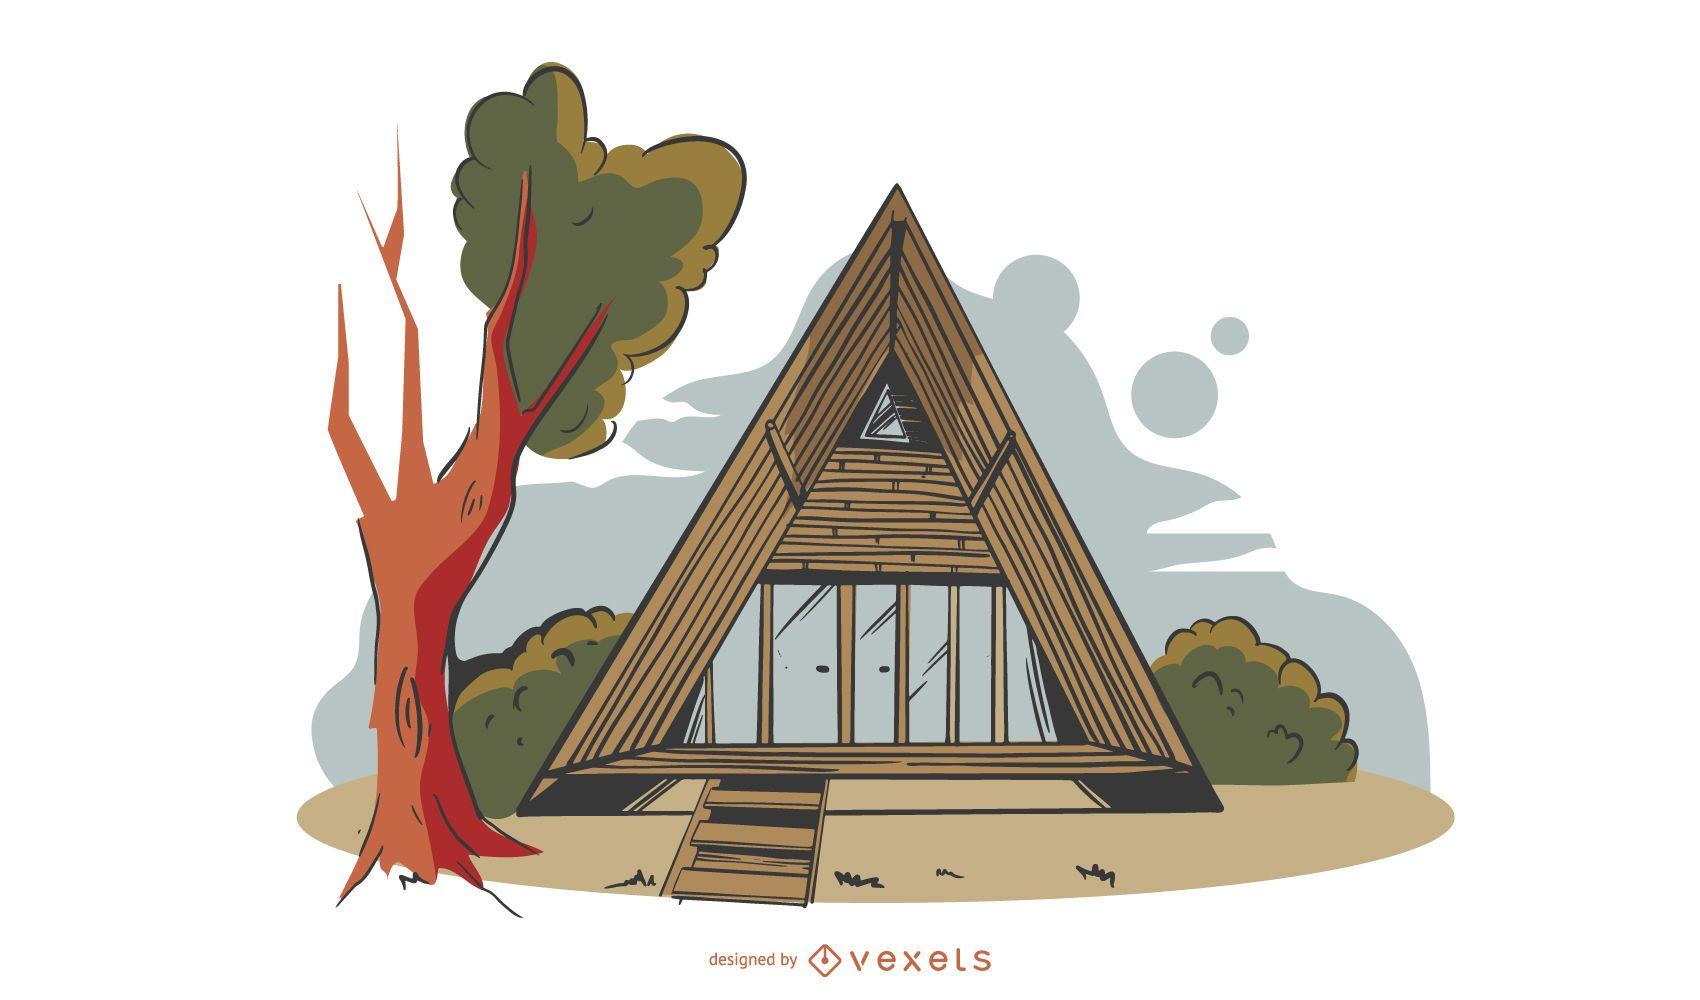 Colored Triangular Eco-home Building Design